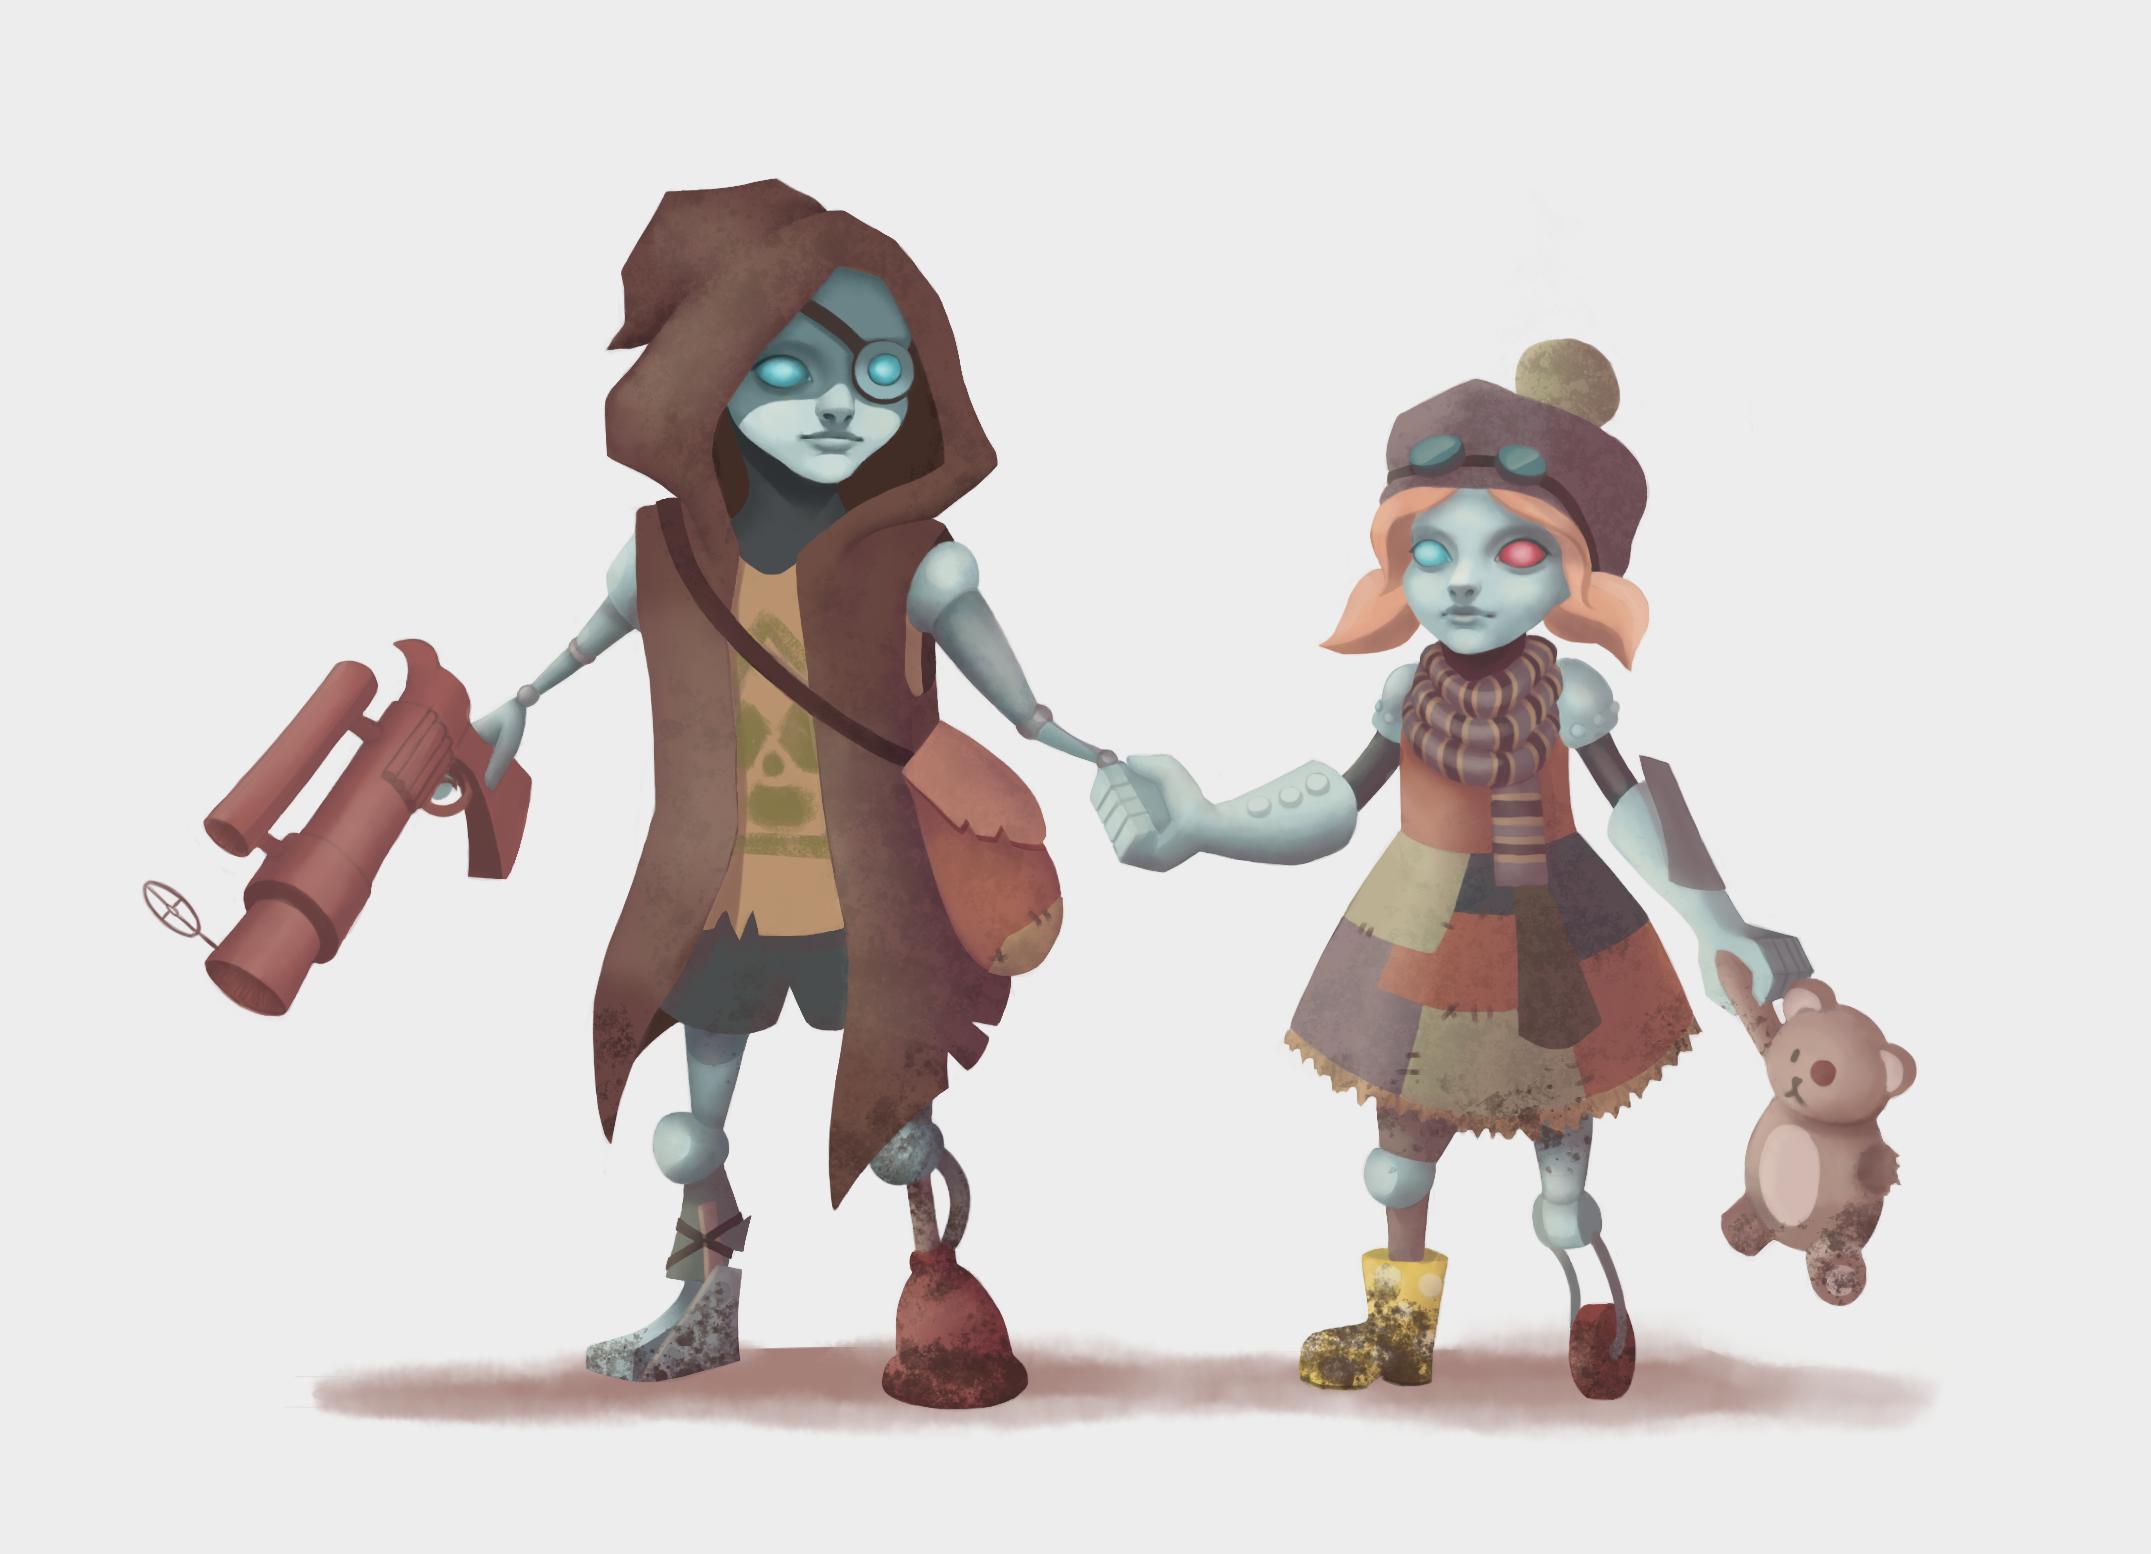 Post Apocalyptic Robot children